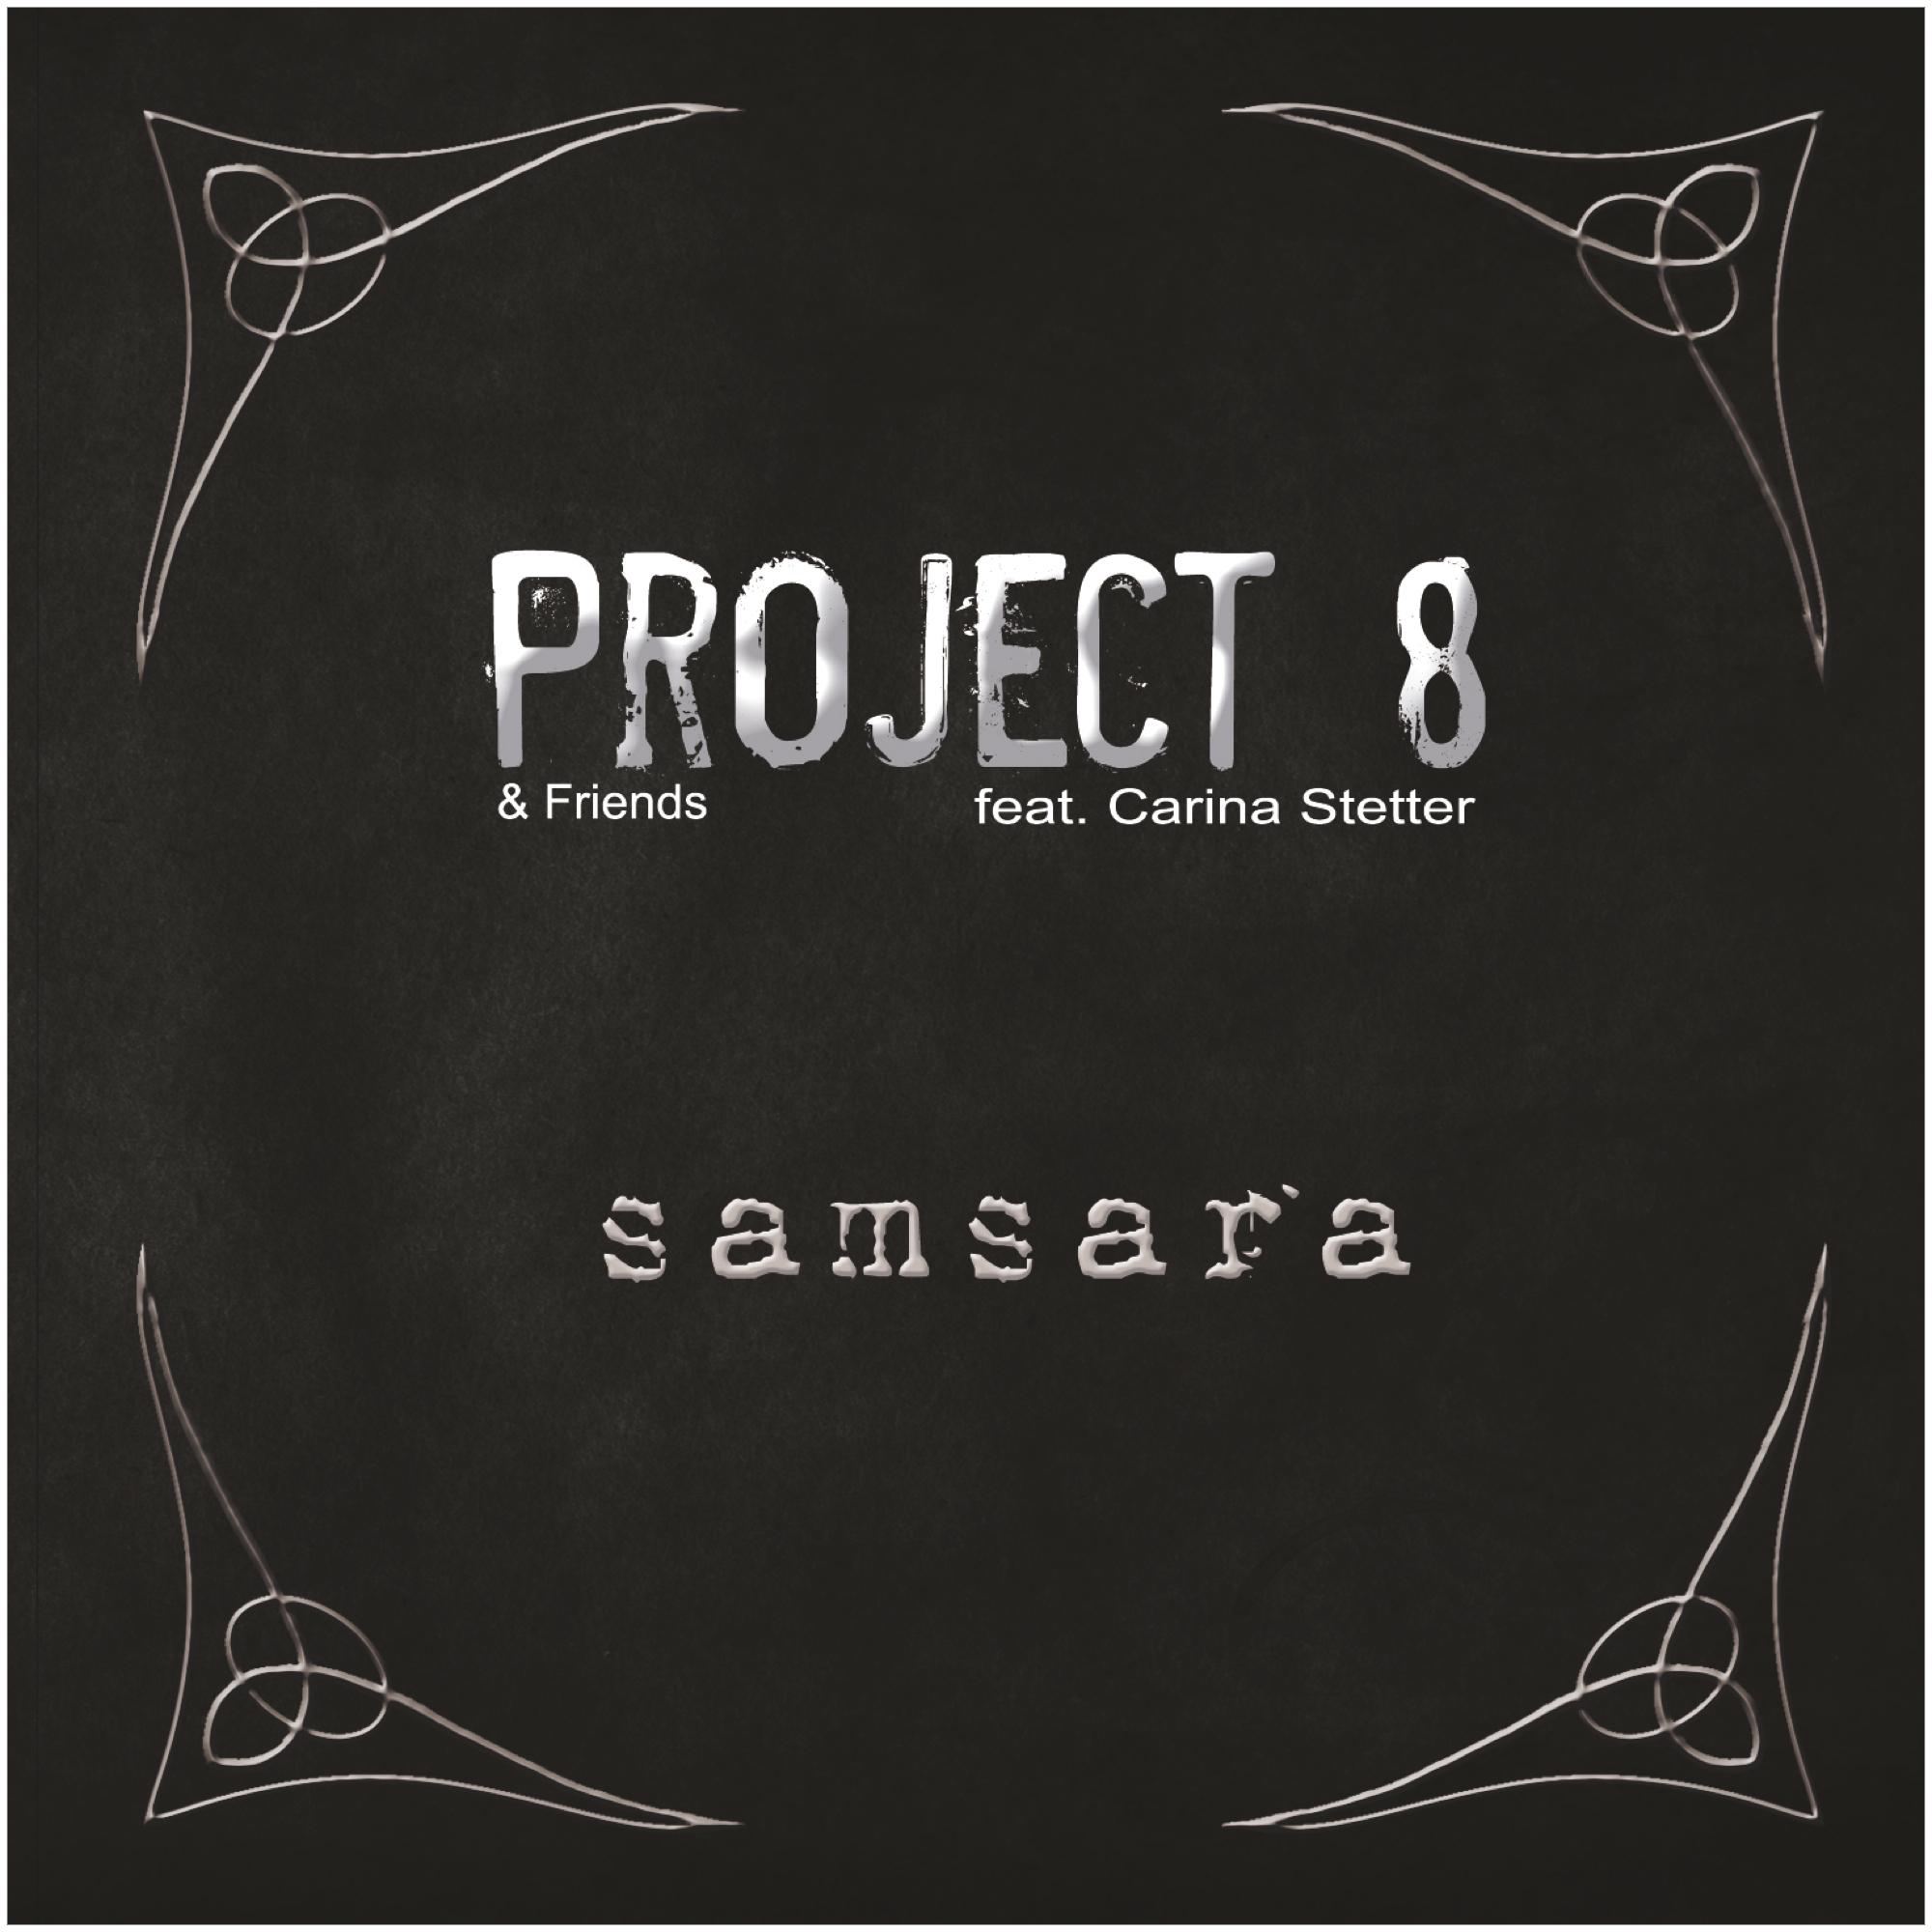 Project 8 - Samsara